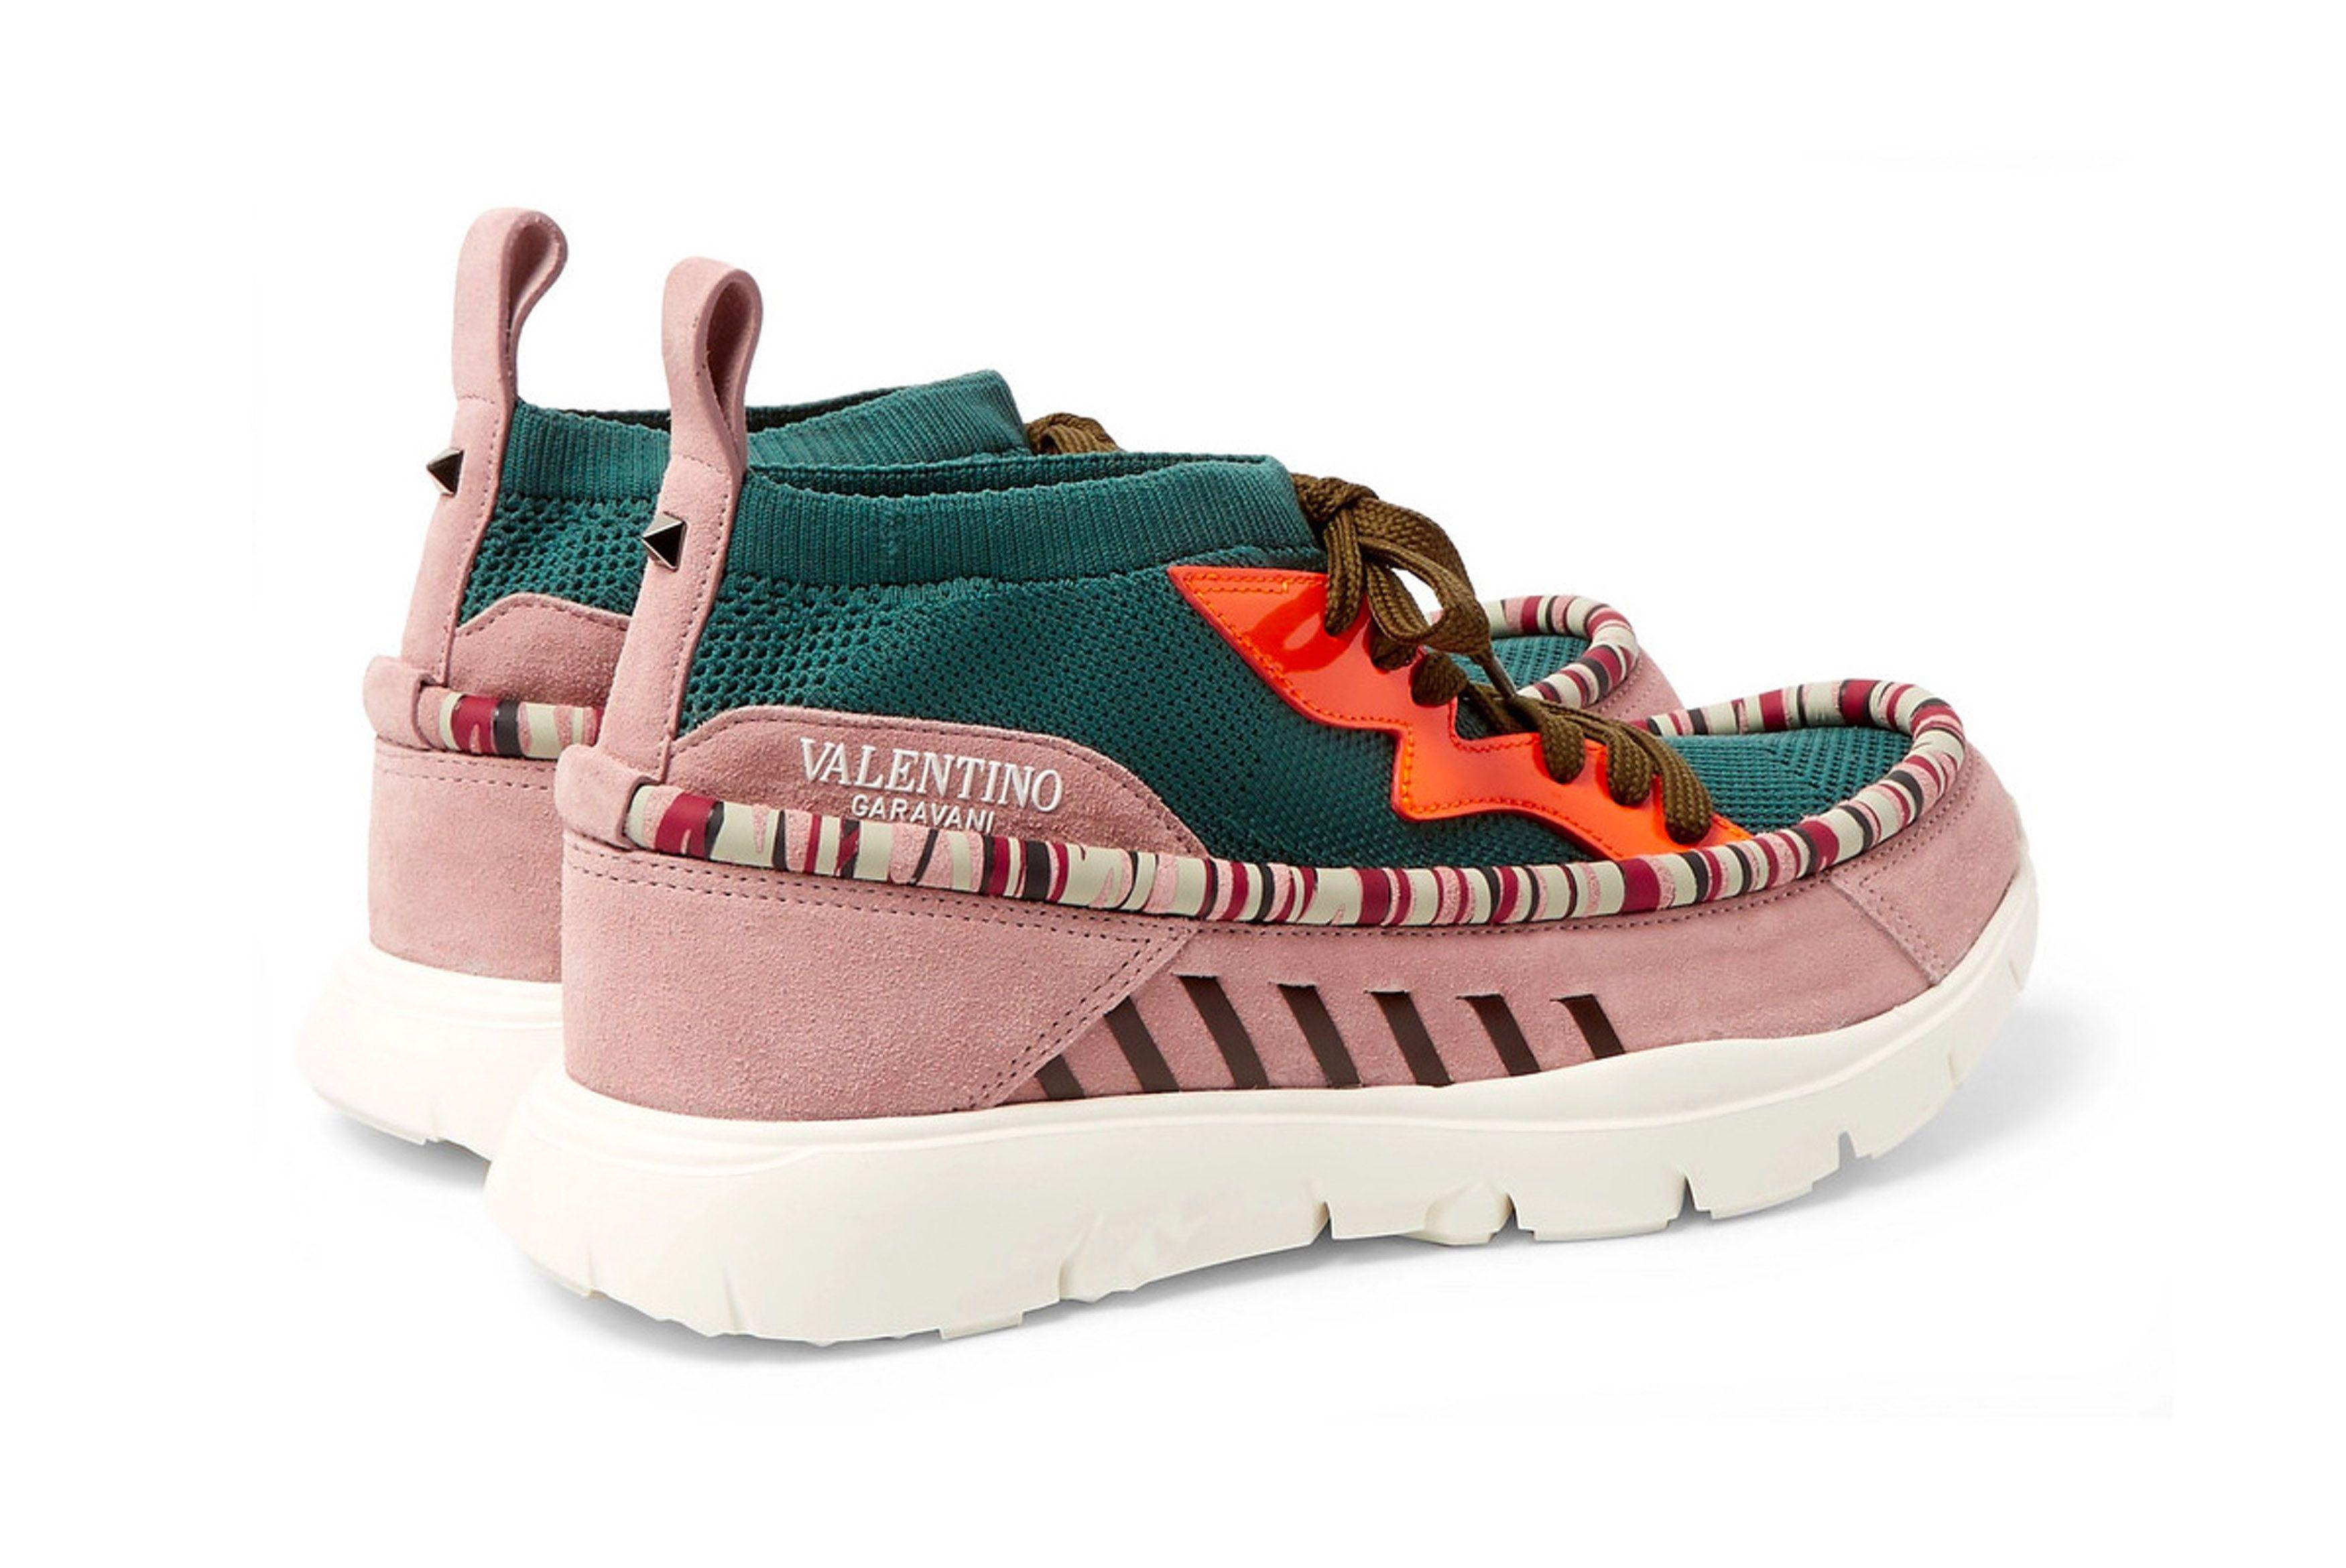 Valentino Heroes Tribe Sneakers Release 5 Sneaker Freaker